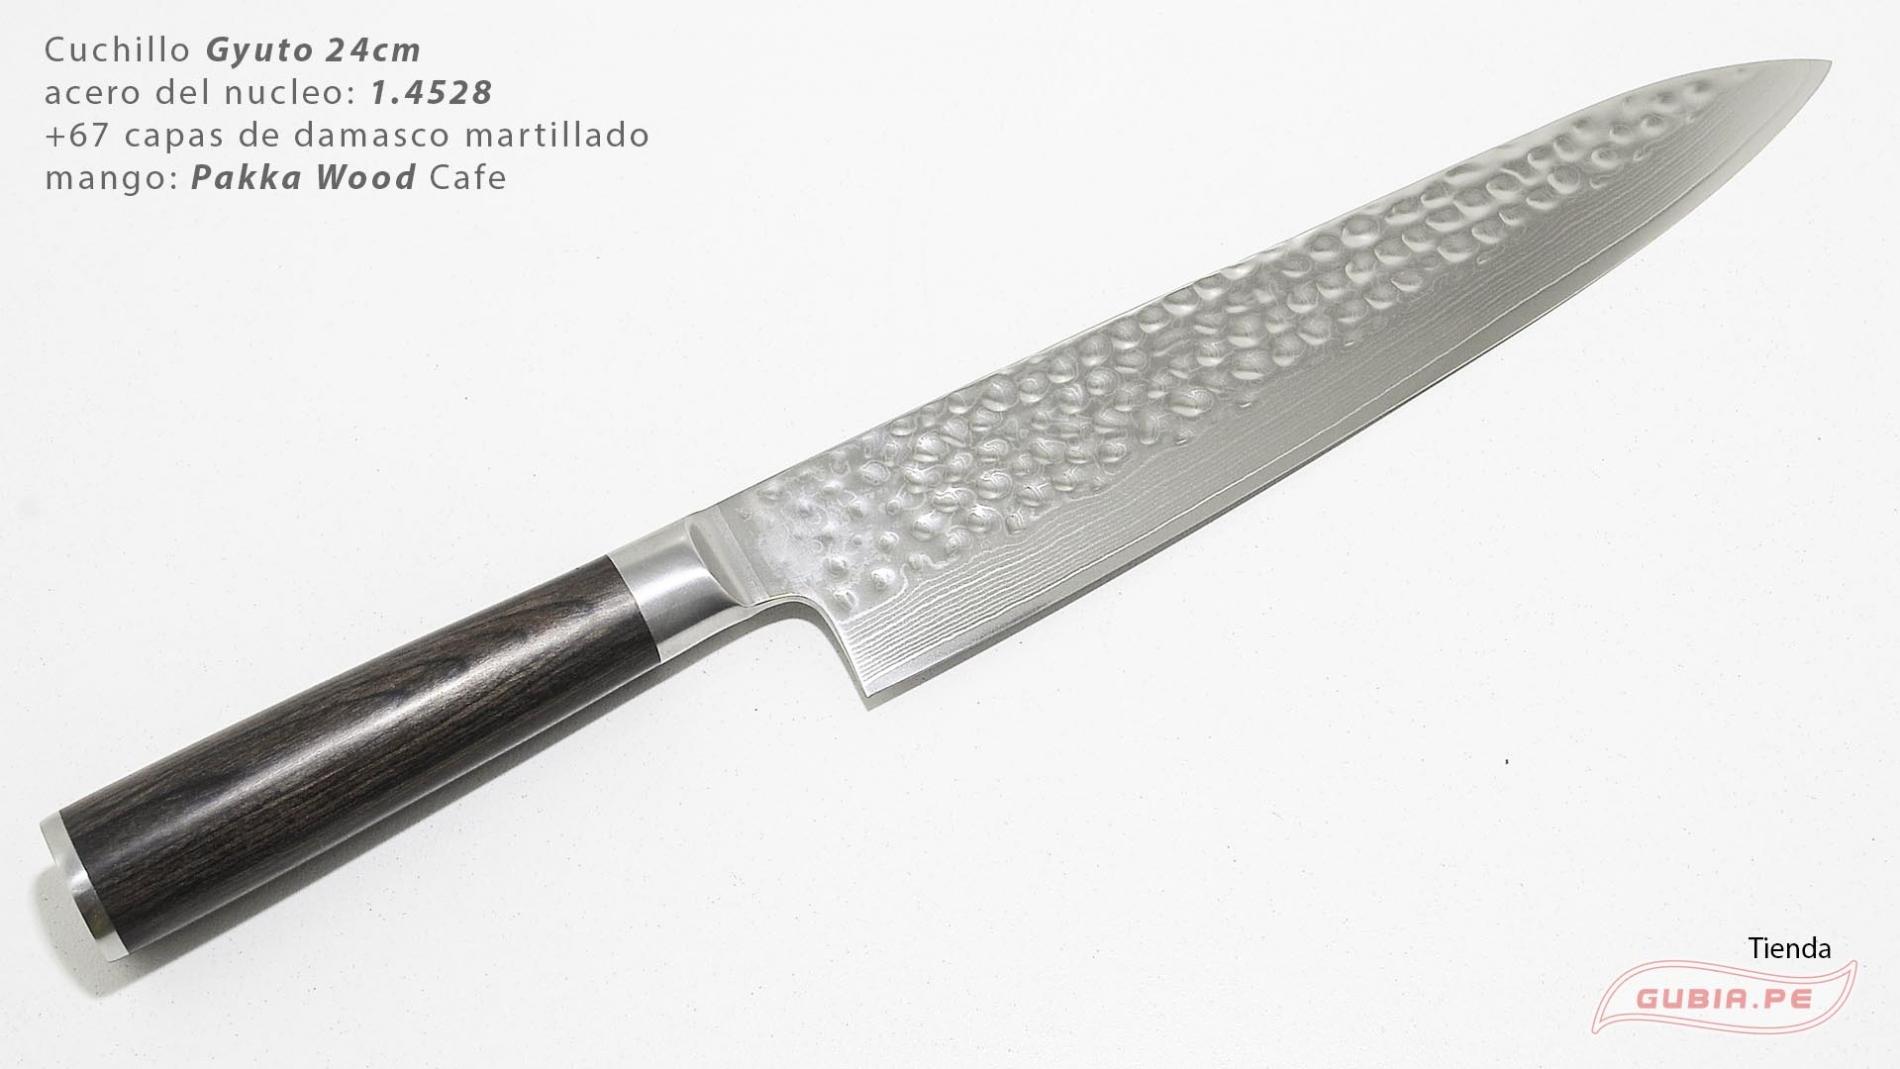 B1g24-Cuchillo Gyuto 24cm acero 1.4528+damasco Cafe B1g24-max-1.